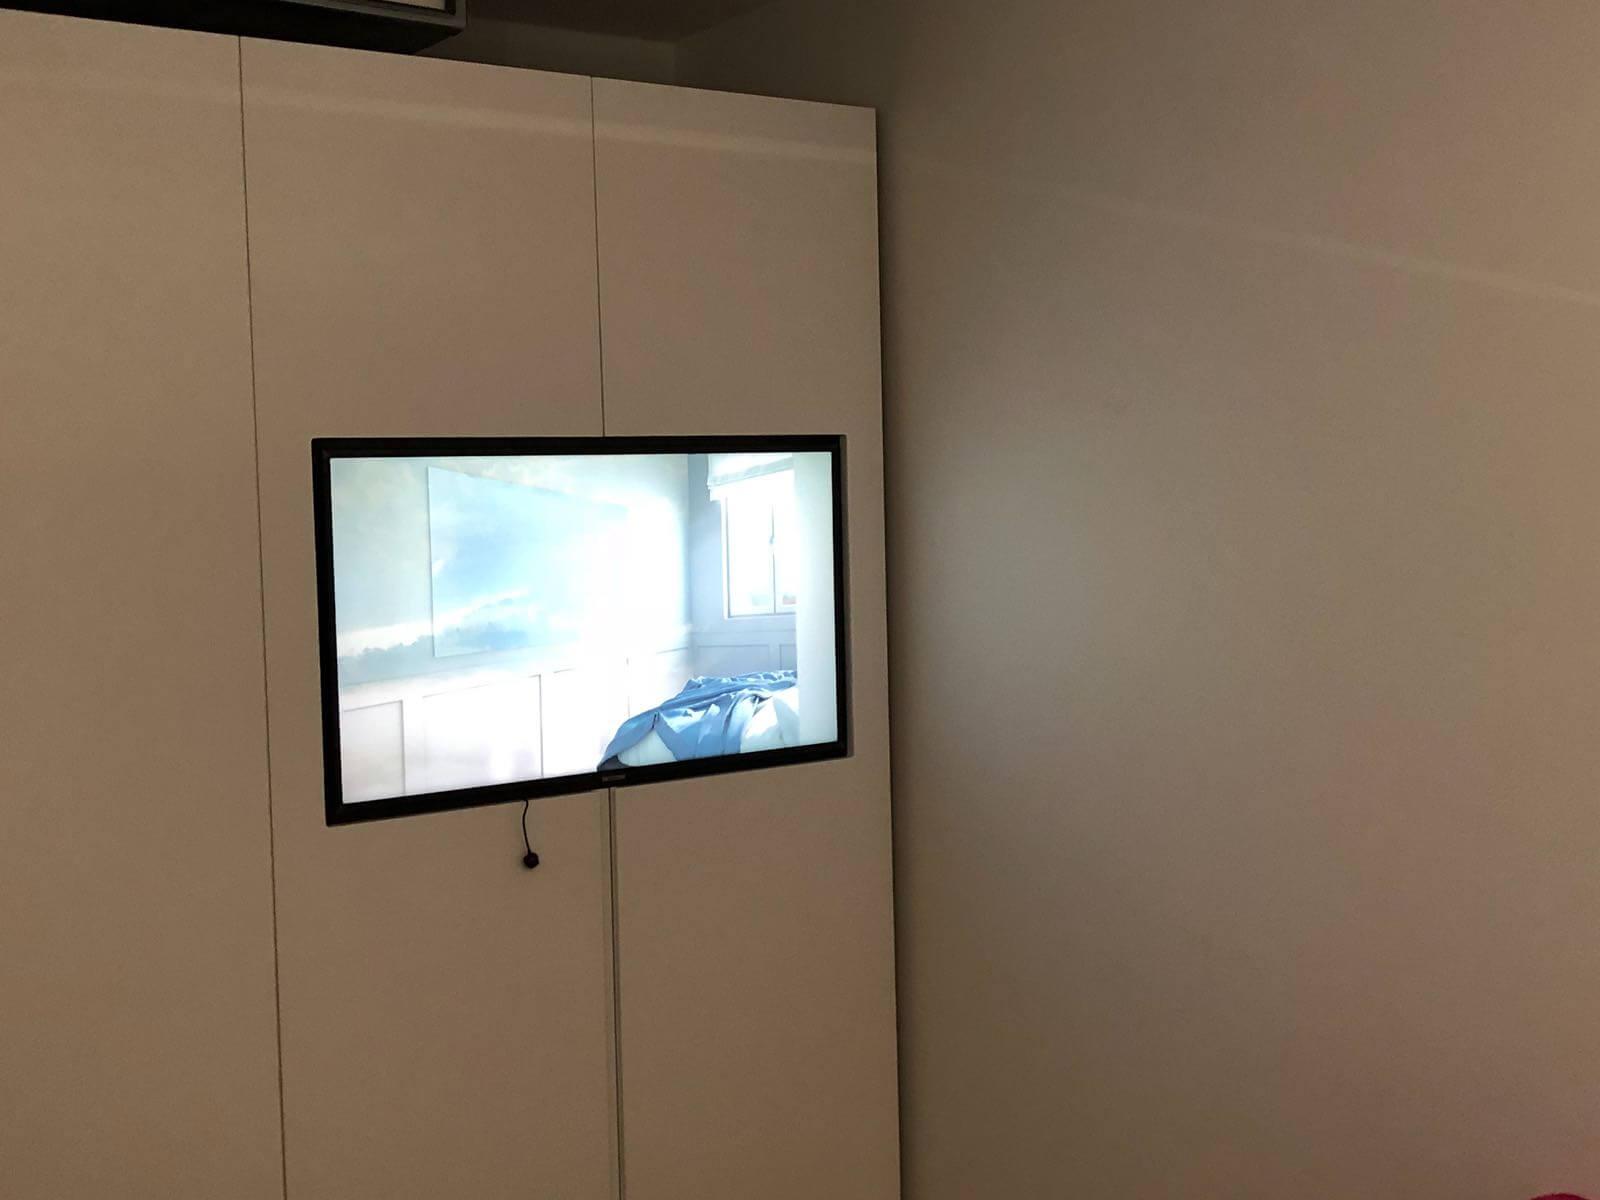 תמונת גלריה הגדול בהתקנות מתקין טלוויזיות מקצועי עם יחס אישי 30